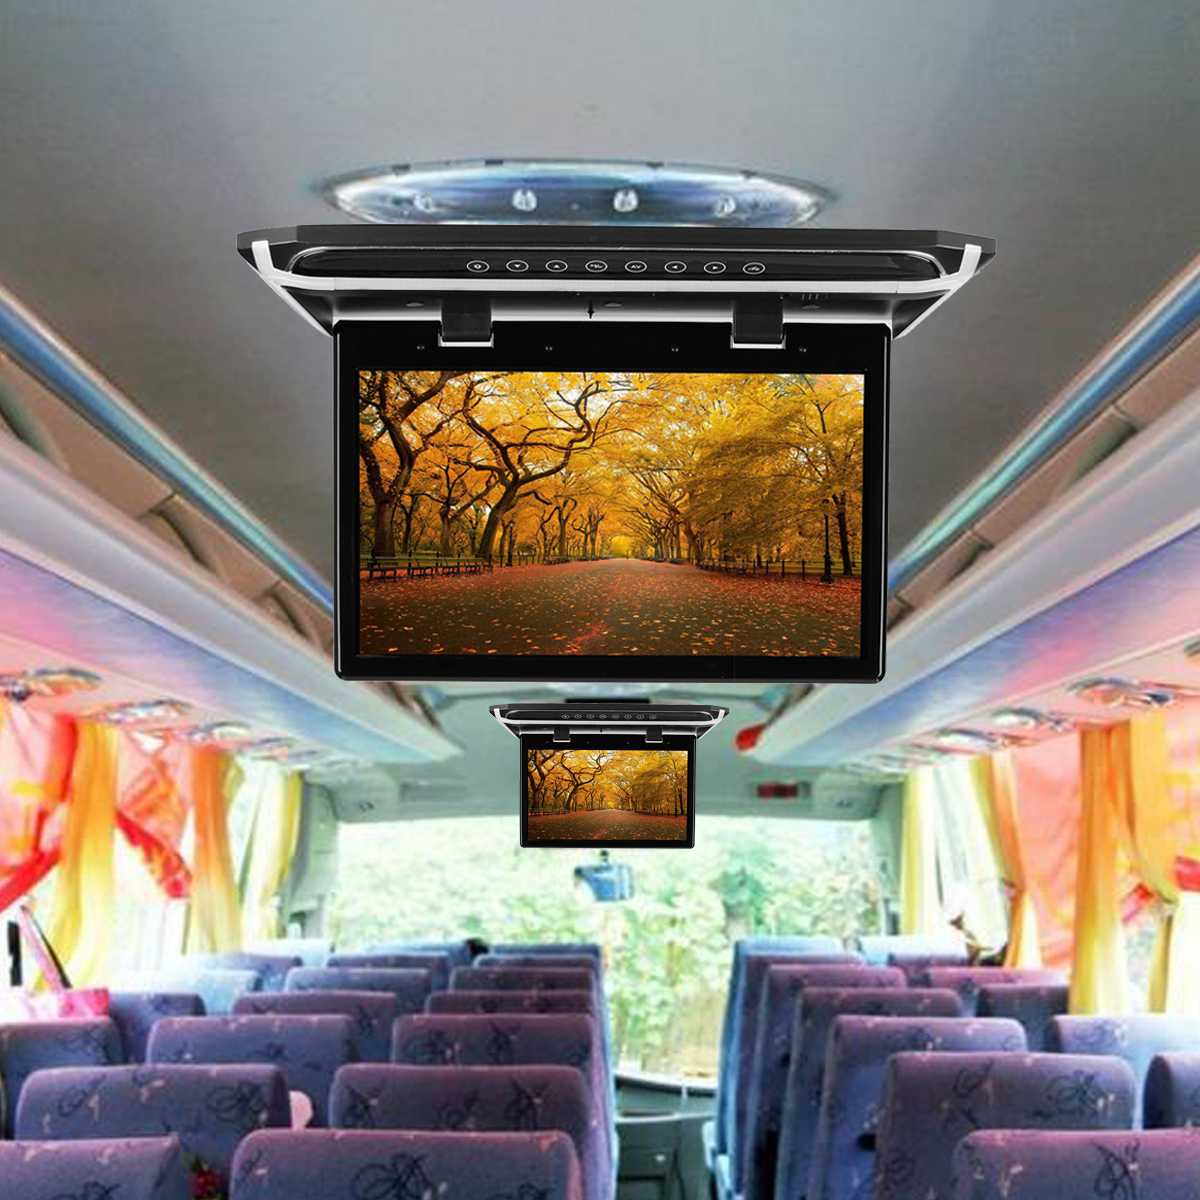 15.6 HD lecteur DVD de voiture grand écran HDMI plafond de voiture rabattable moniteur lecteur de montage sur le toit 1920*1080 - 1